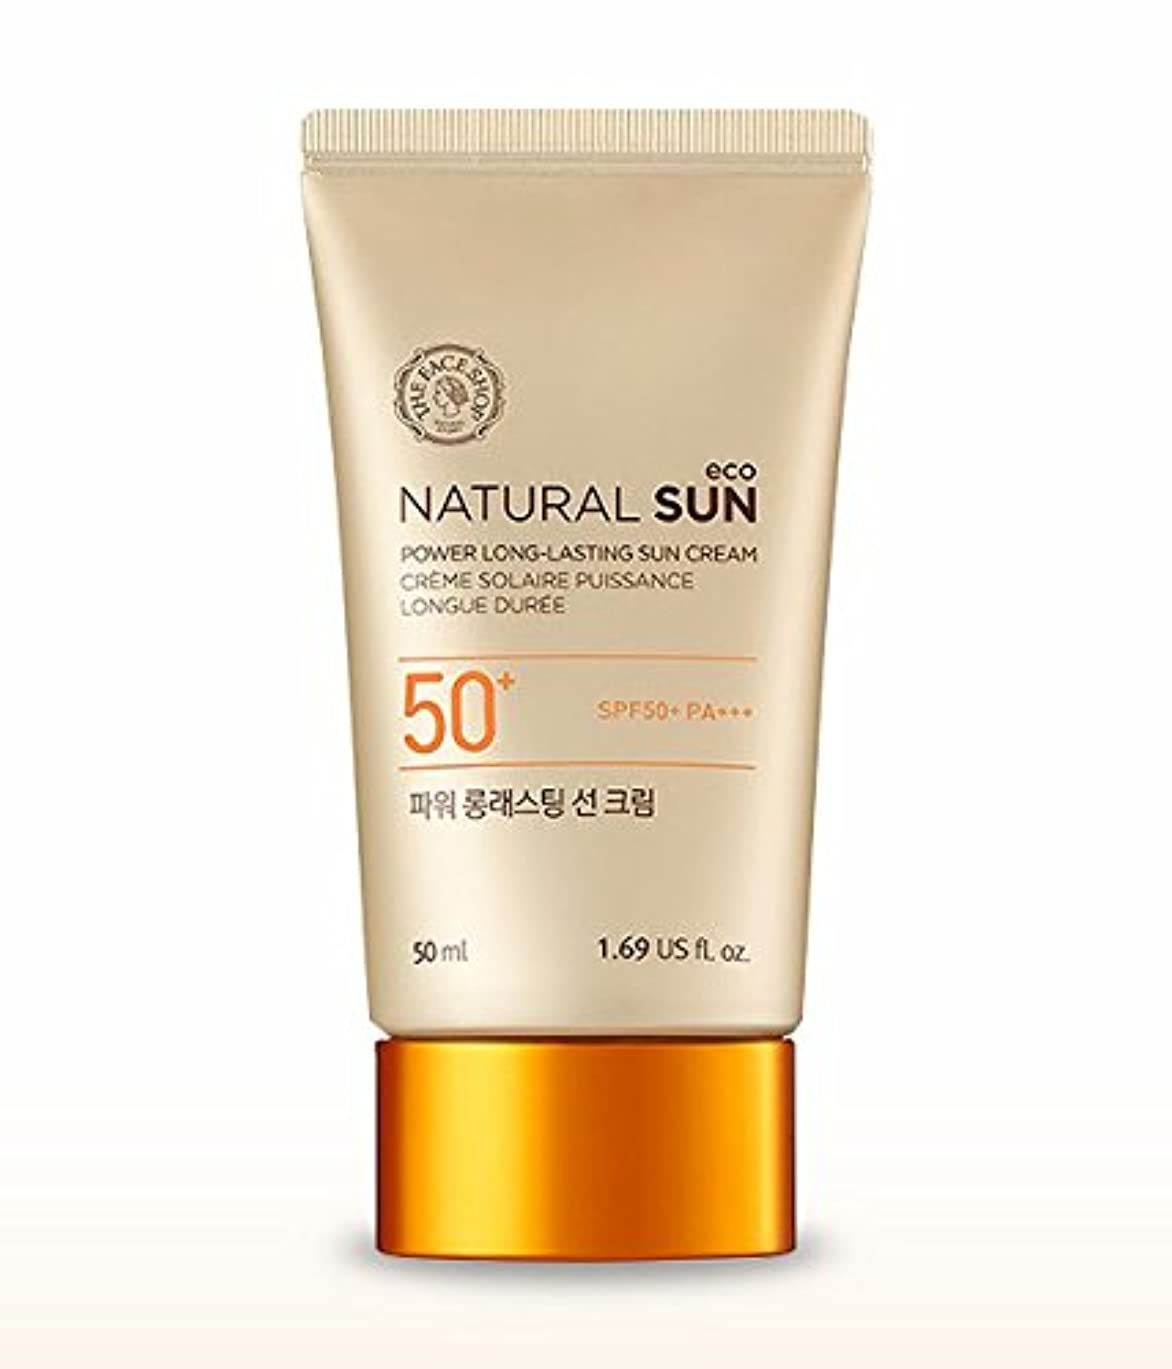 個人ダイバー吐くTHE FACE SHOP Natural Sun Eco Power Long Lasting Sun Cream 50mlザフェイスショップ ナチュラルサンパワーロングラスティングサンクリーム [並行輸入品]